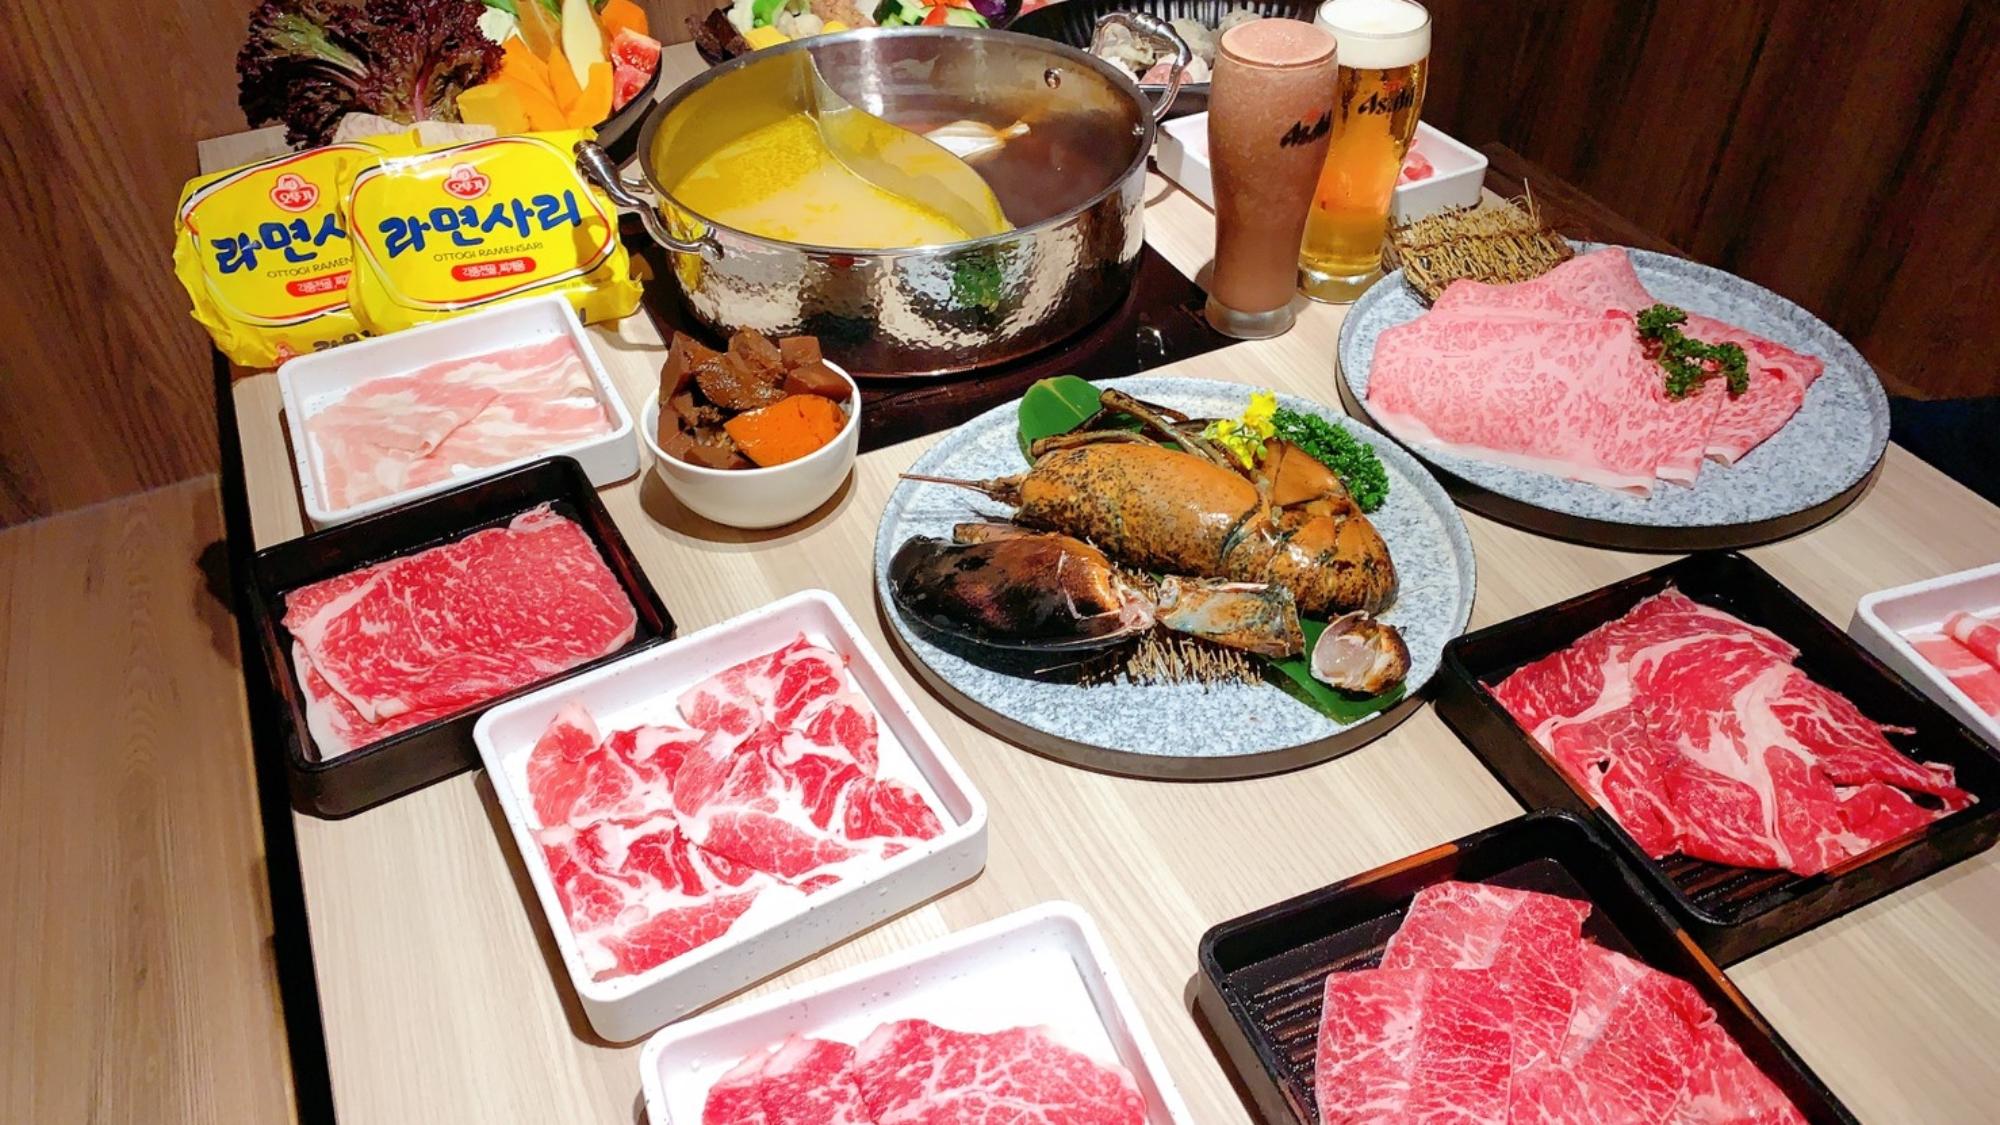 築間餐飲集團「有之和牛鍋物放題」,主打和牛吃到飽將登陸台中。(圖/築間提供)